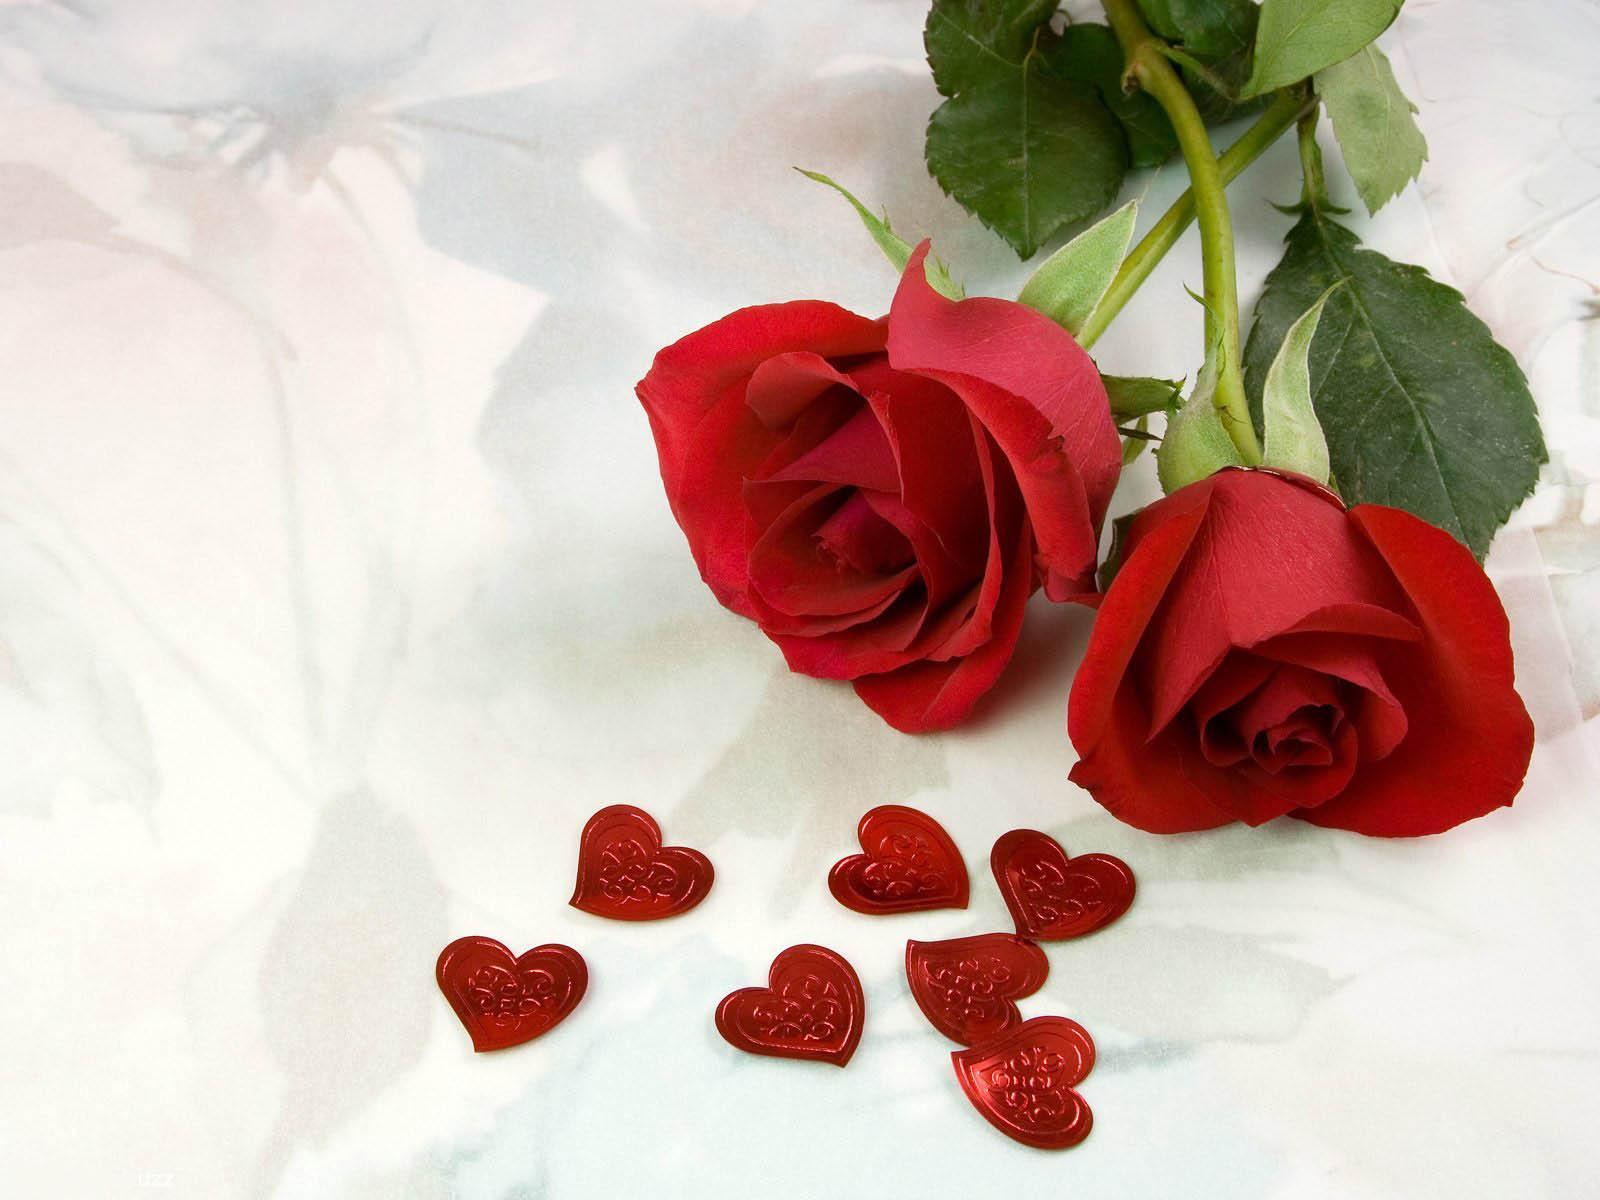 صورة صور ورد حب , الورد وتعبيره عن المحبة والرومانسية بين العشاق